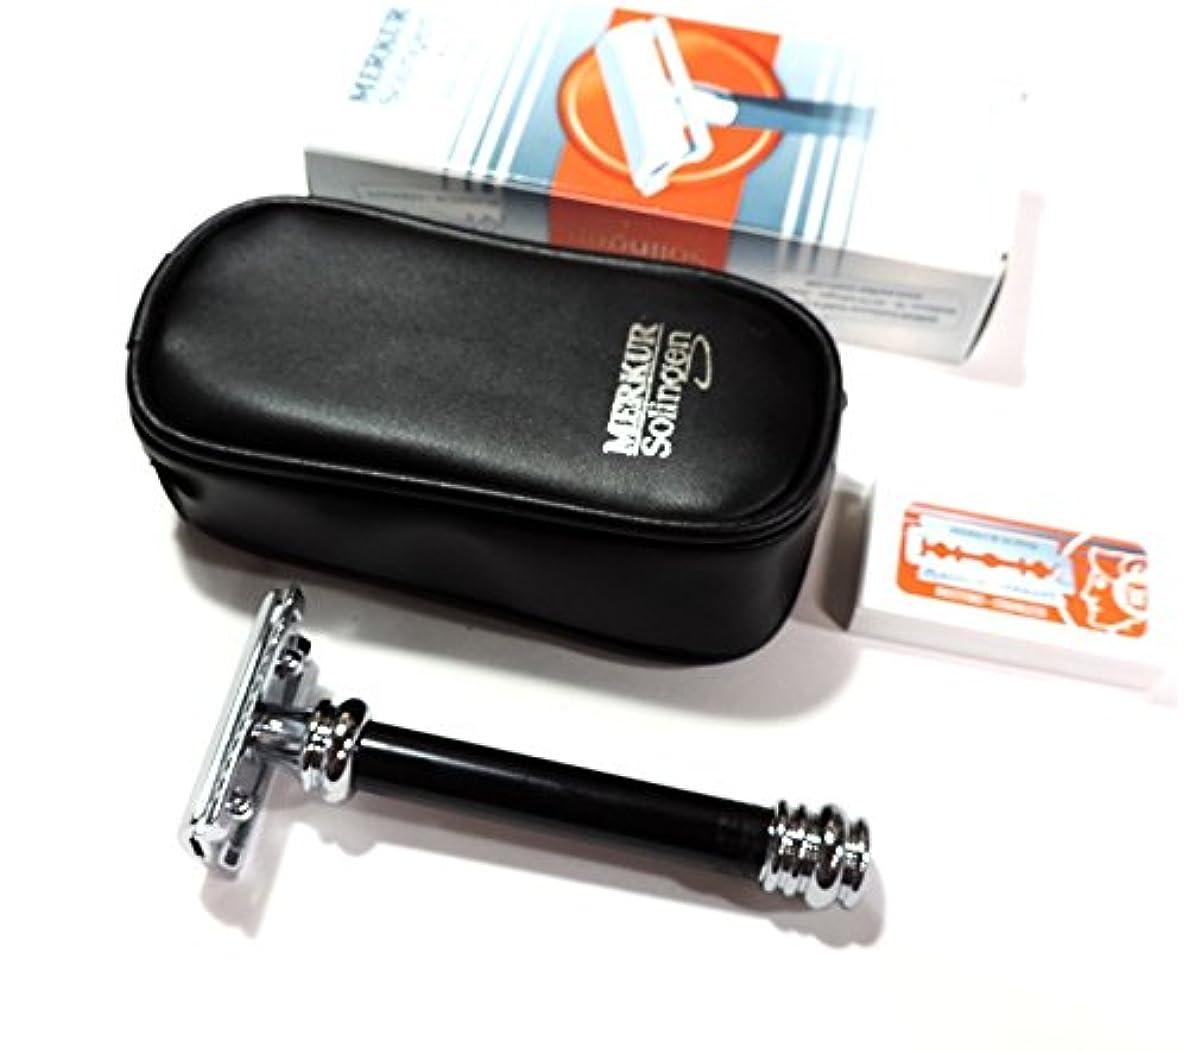 を必要としています送金すずめゾーリンゲン メルクール髭剃り(ひげそり)両刃ホルダー38011 ブラックハンドル 革ポーチ付 替刃10枚付